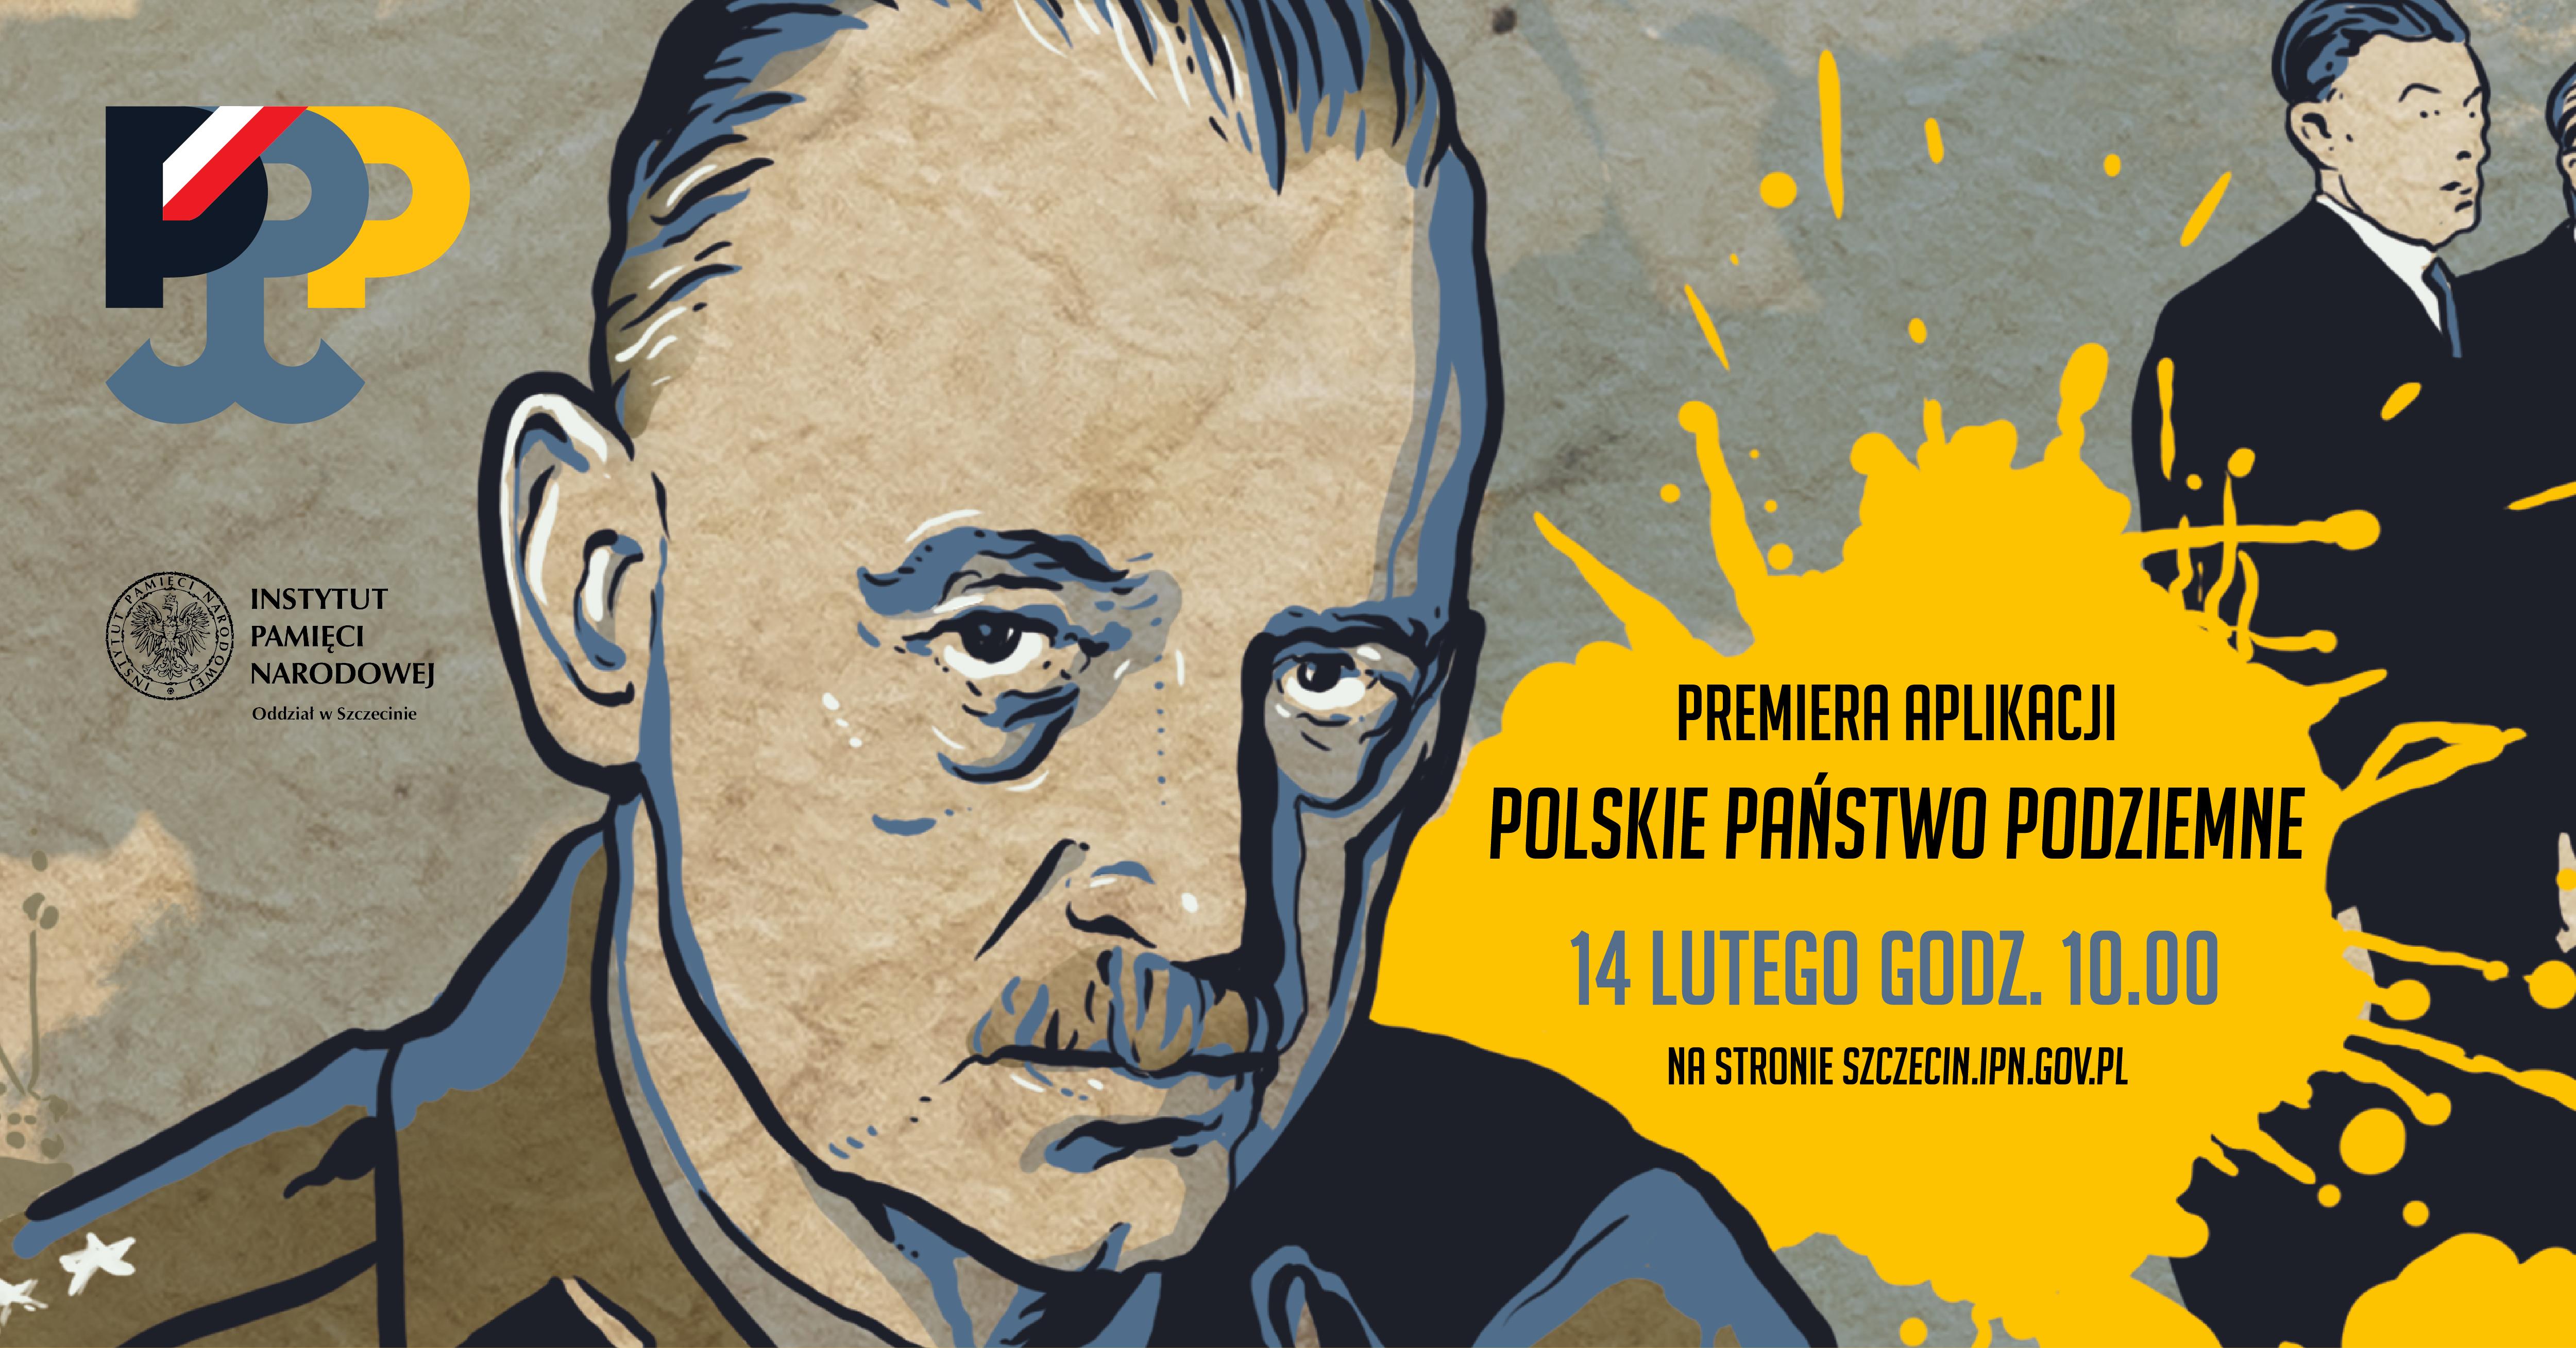 Znalezione obrazy dla zapytania: aplikacja polskie apństwo podziemne